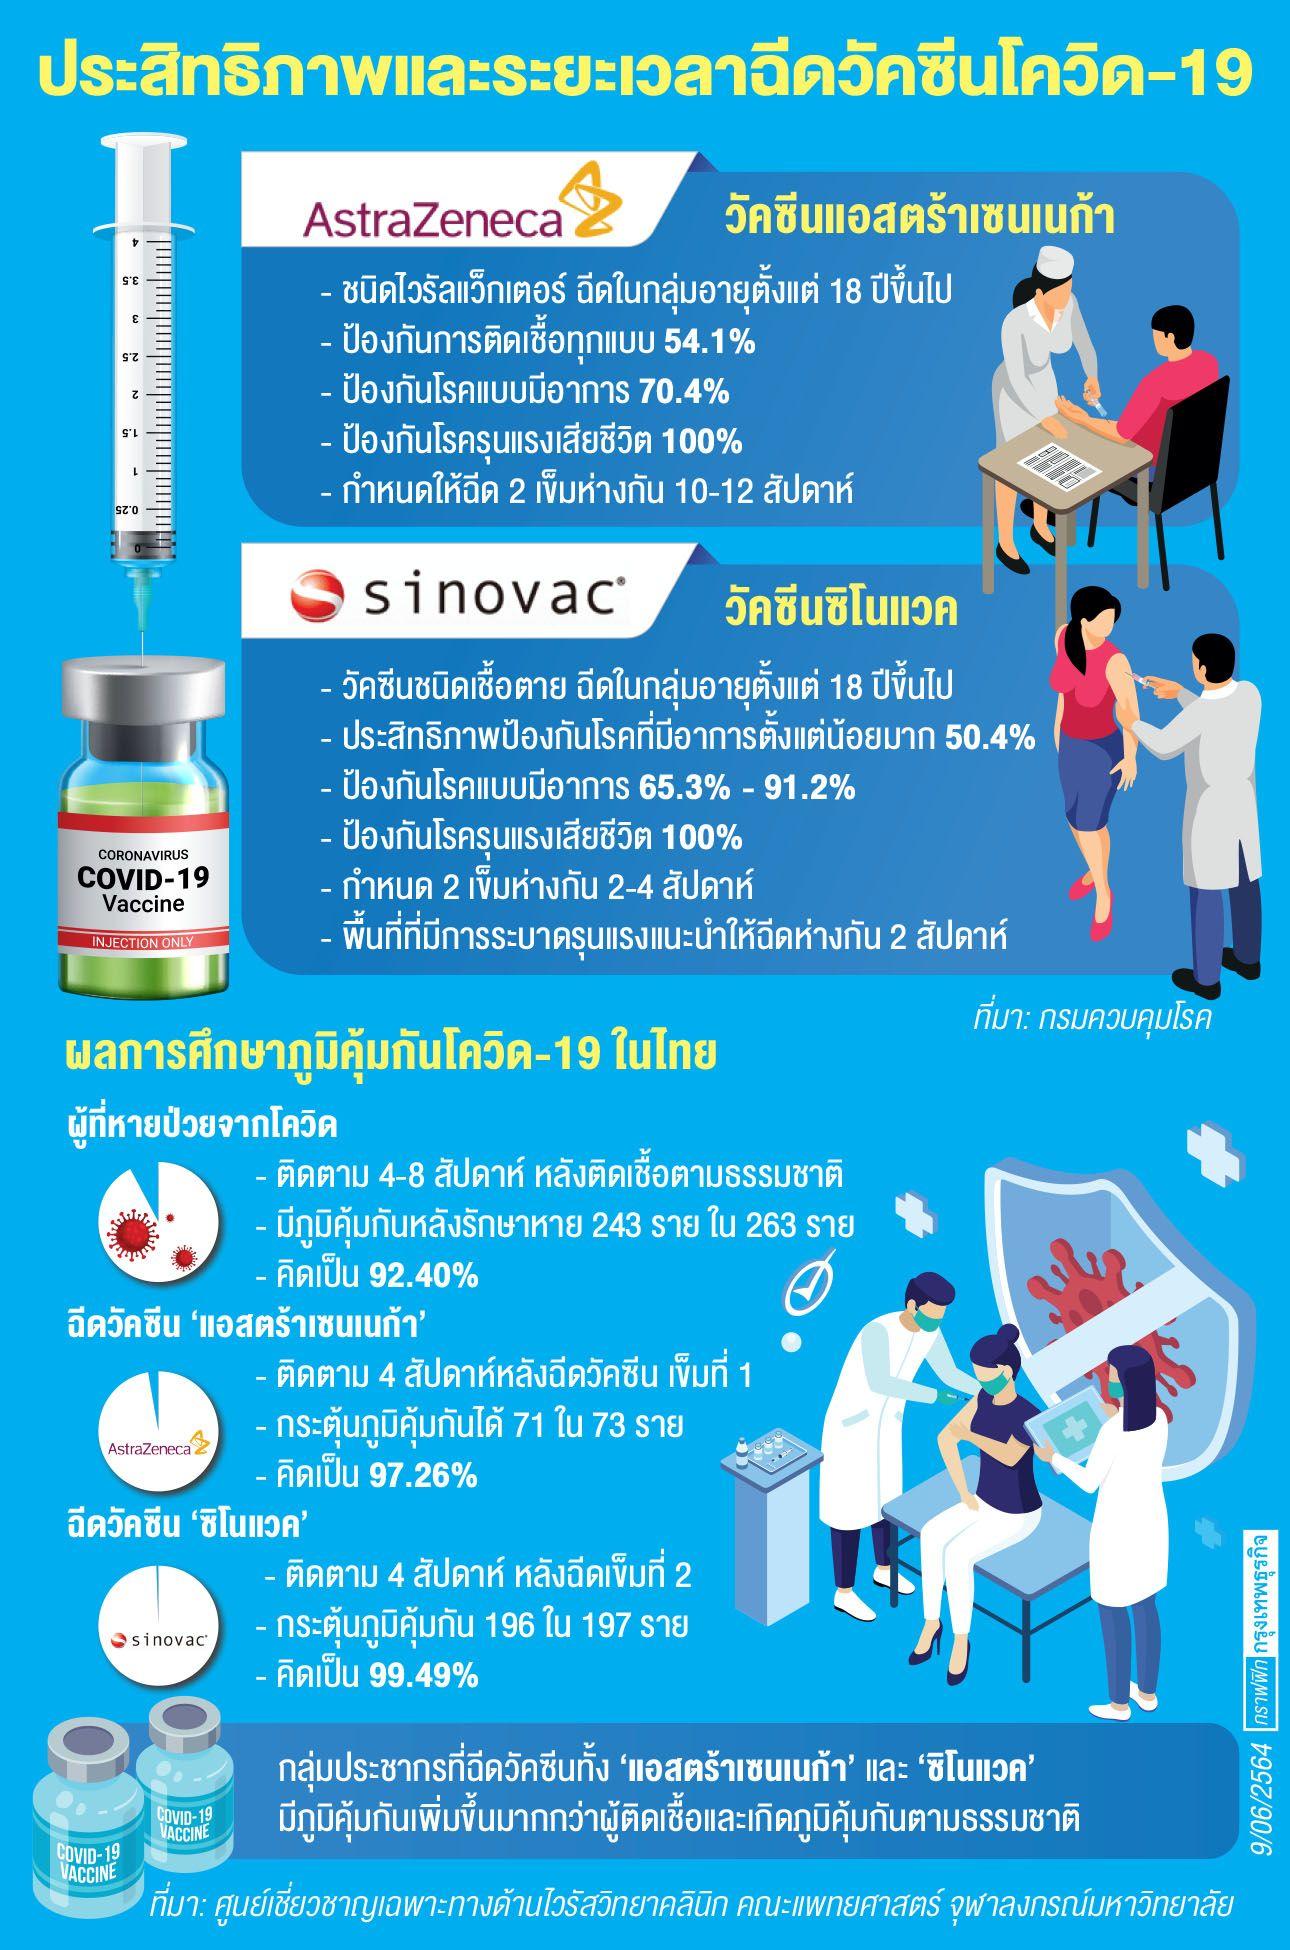 เปิดภูมิคุ้มกันคนไทยหลังฉีดวัคซีน 'แอสตร้าเซนเนก้า-ซิโนแวค'